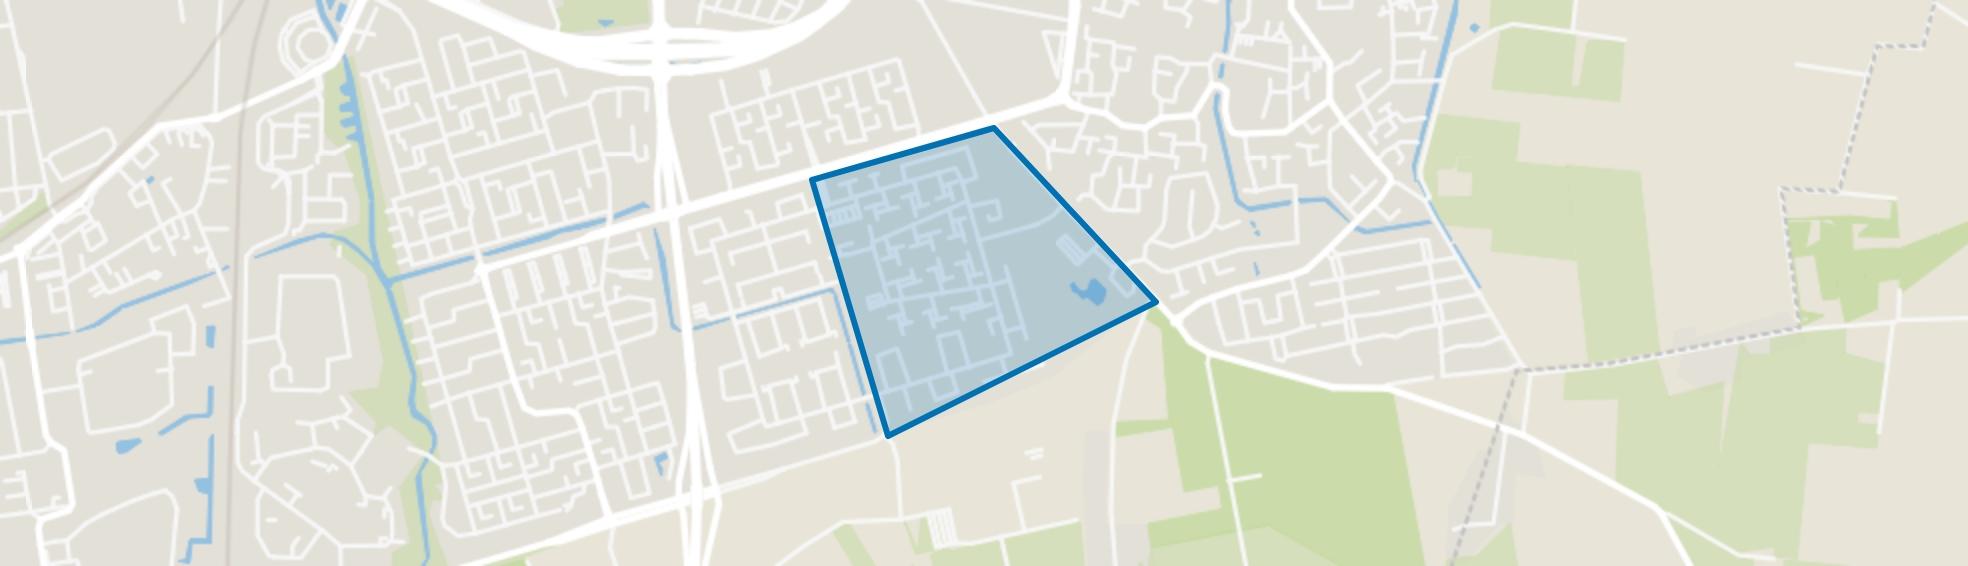 Langdonk-Oost, Roosendaal map